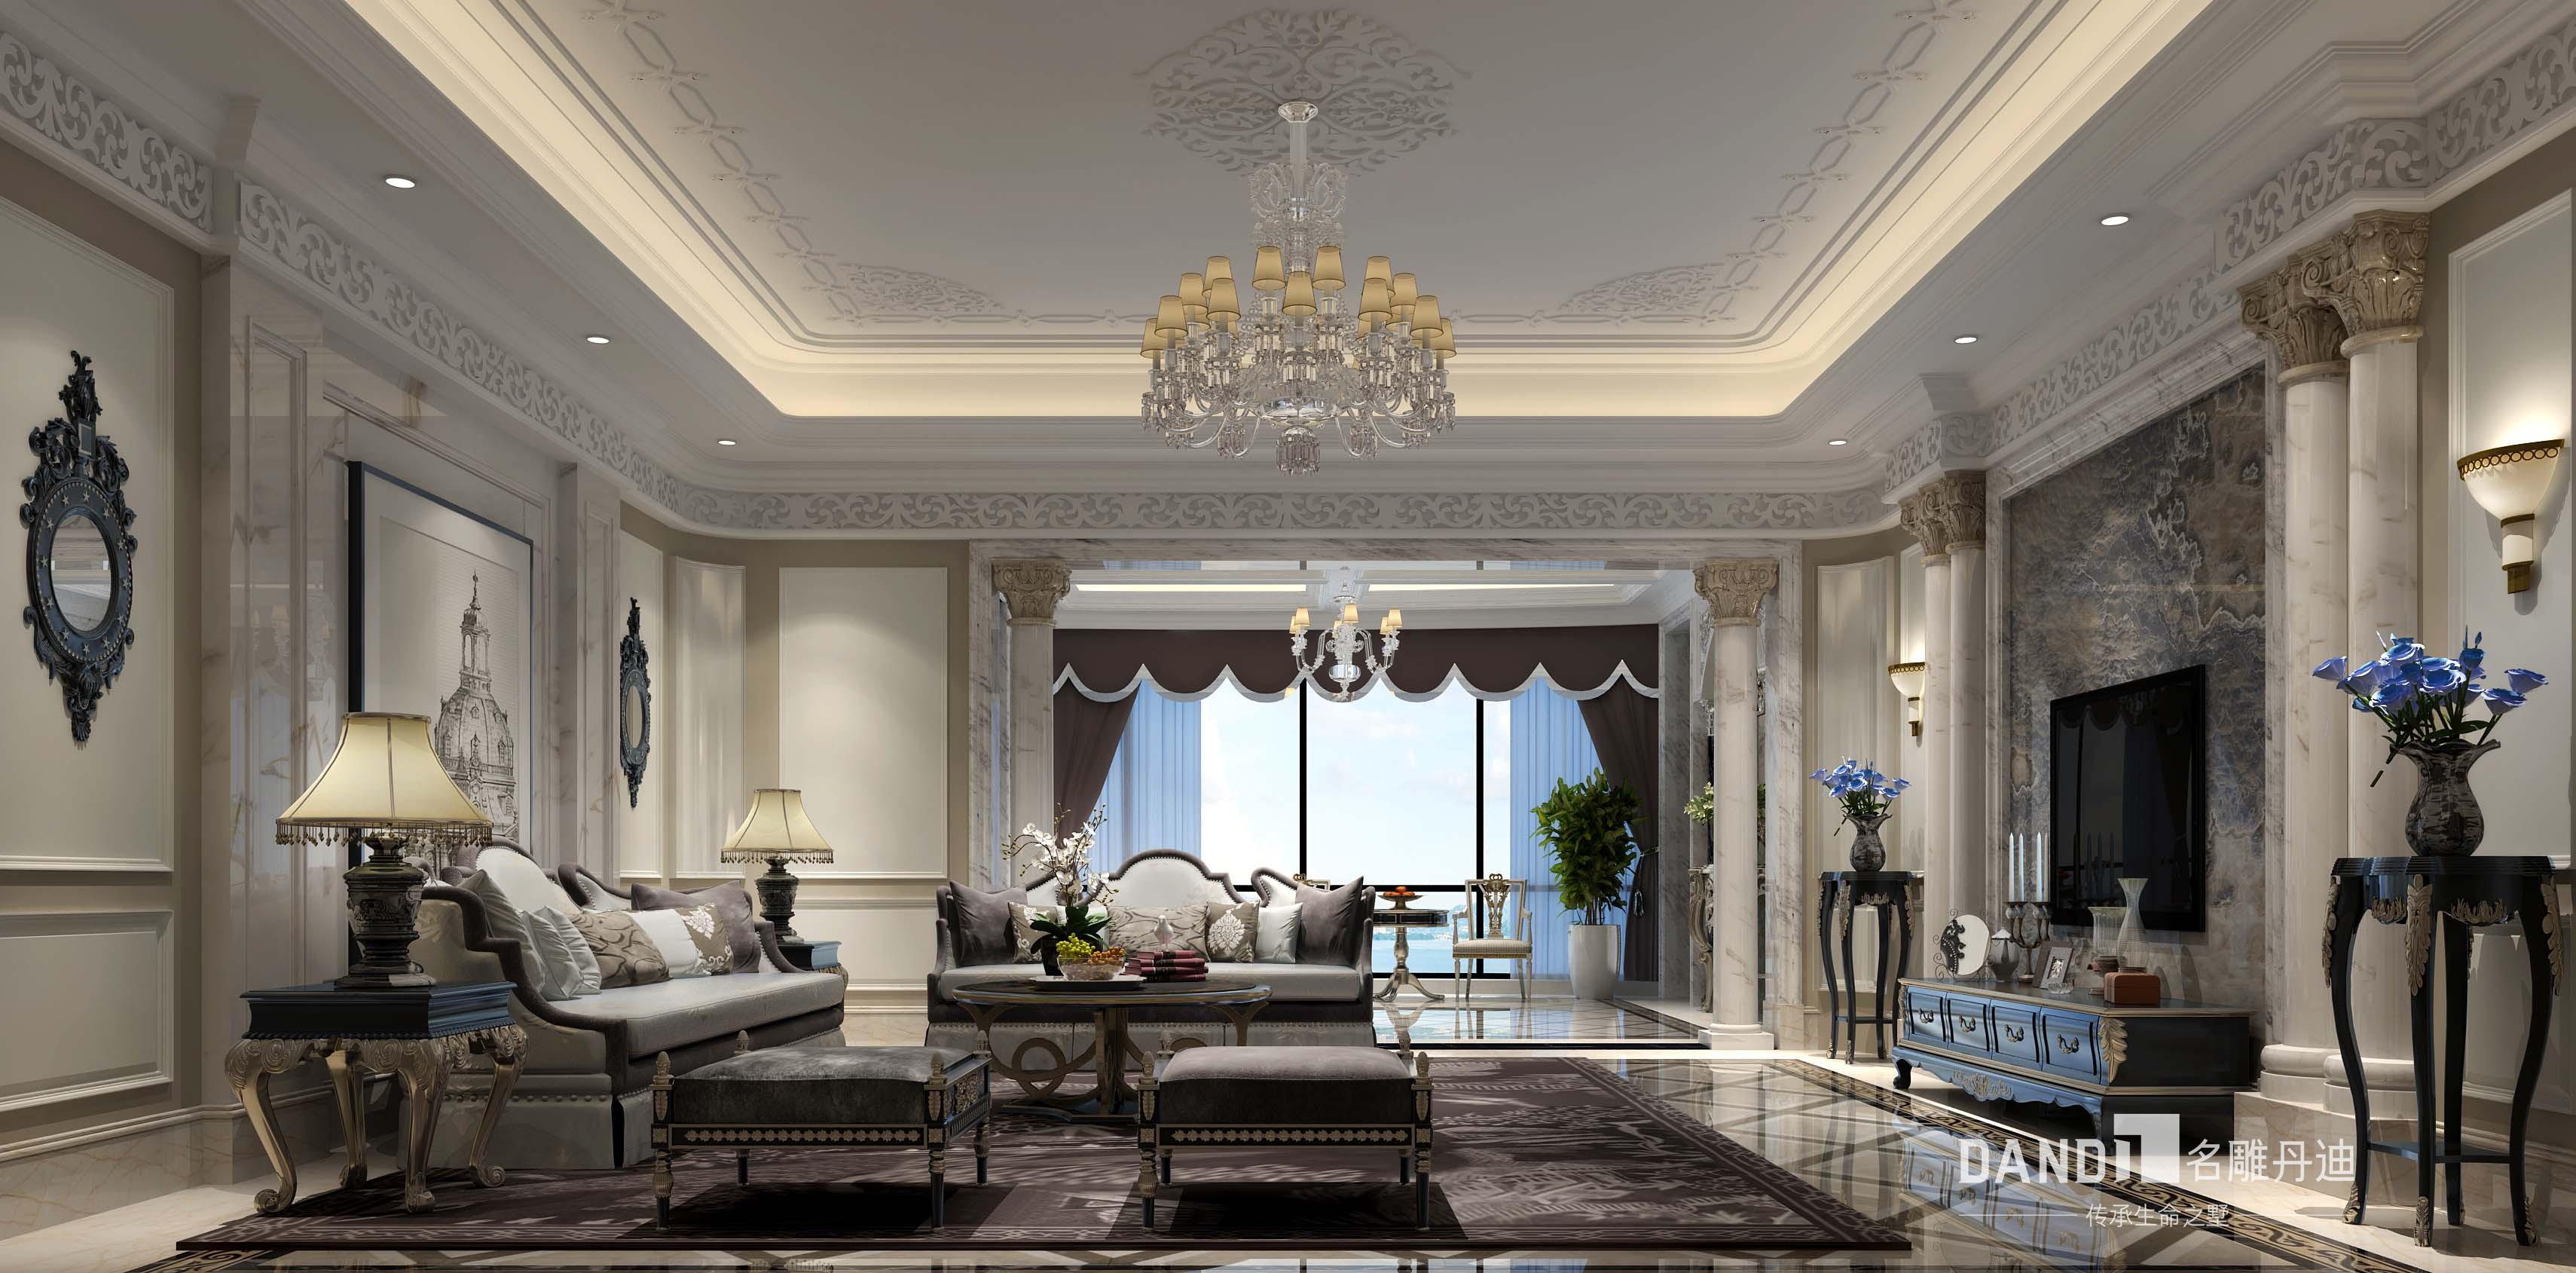 法式 欧式 客厅图片来自名雕丹迪在君临海域法式风格300平别墅的分享